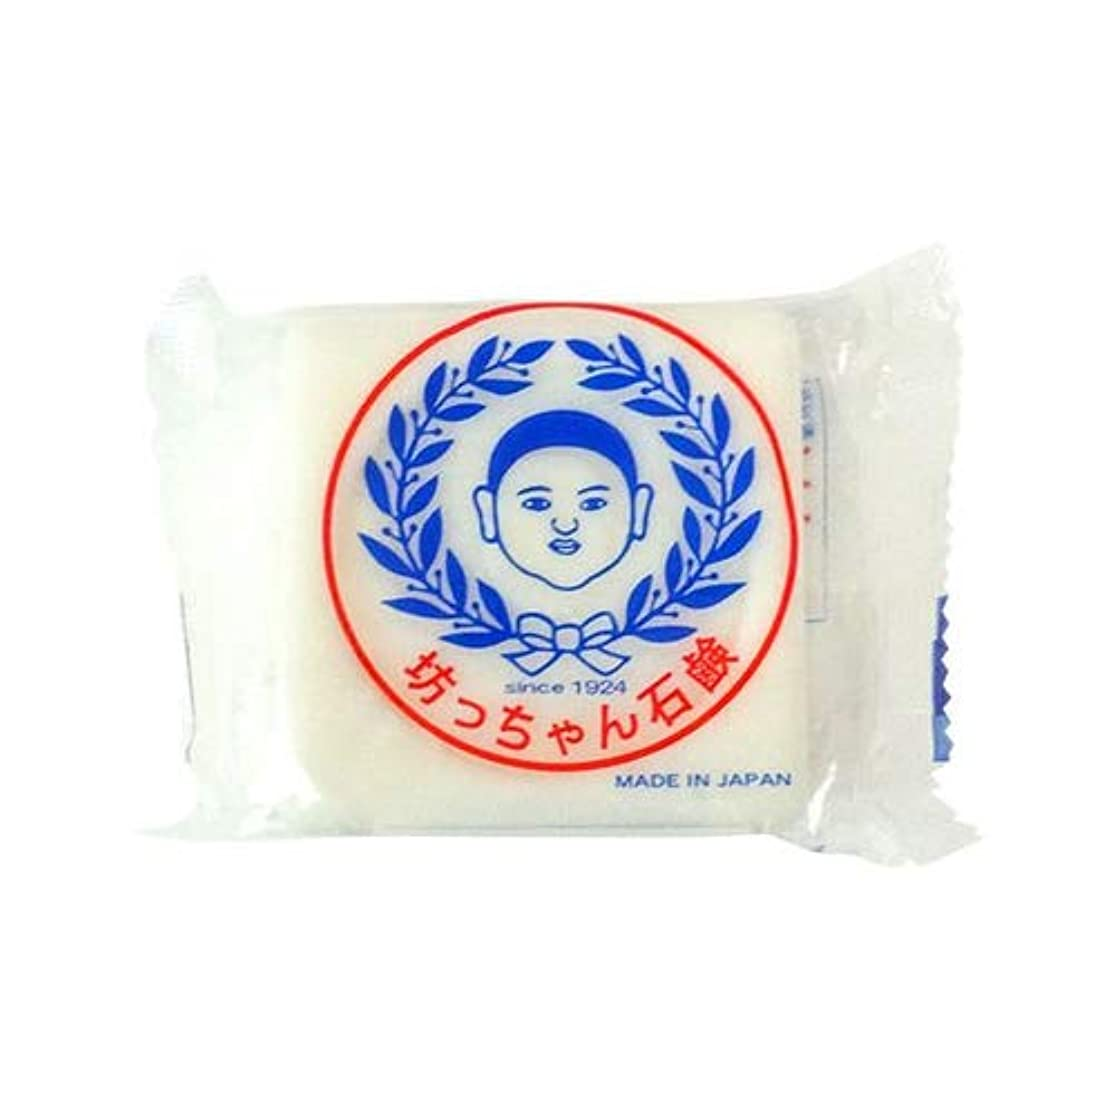 スリル保持するシャワー坊っちゃん石鹸 ミニサイズ 100g